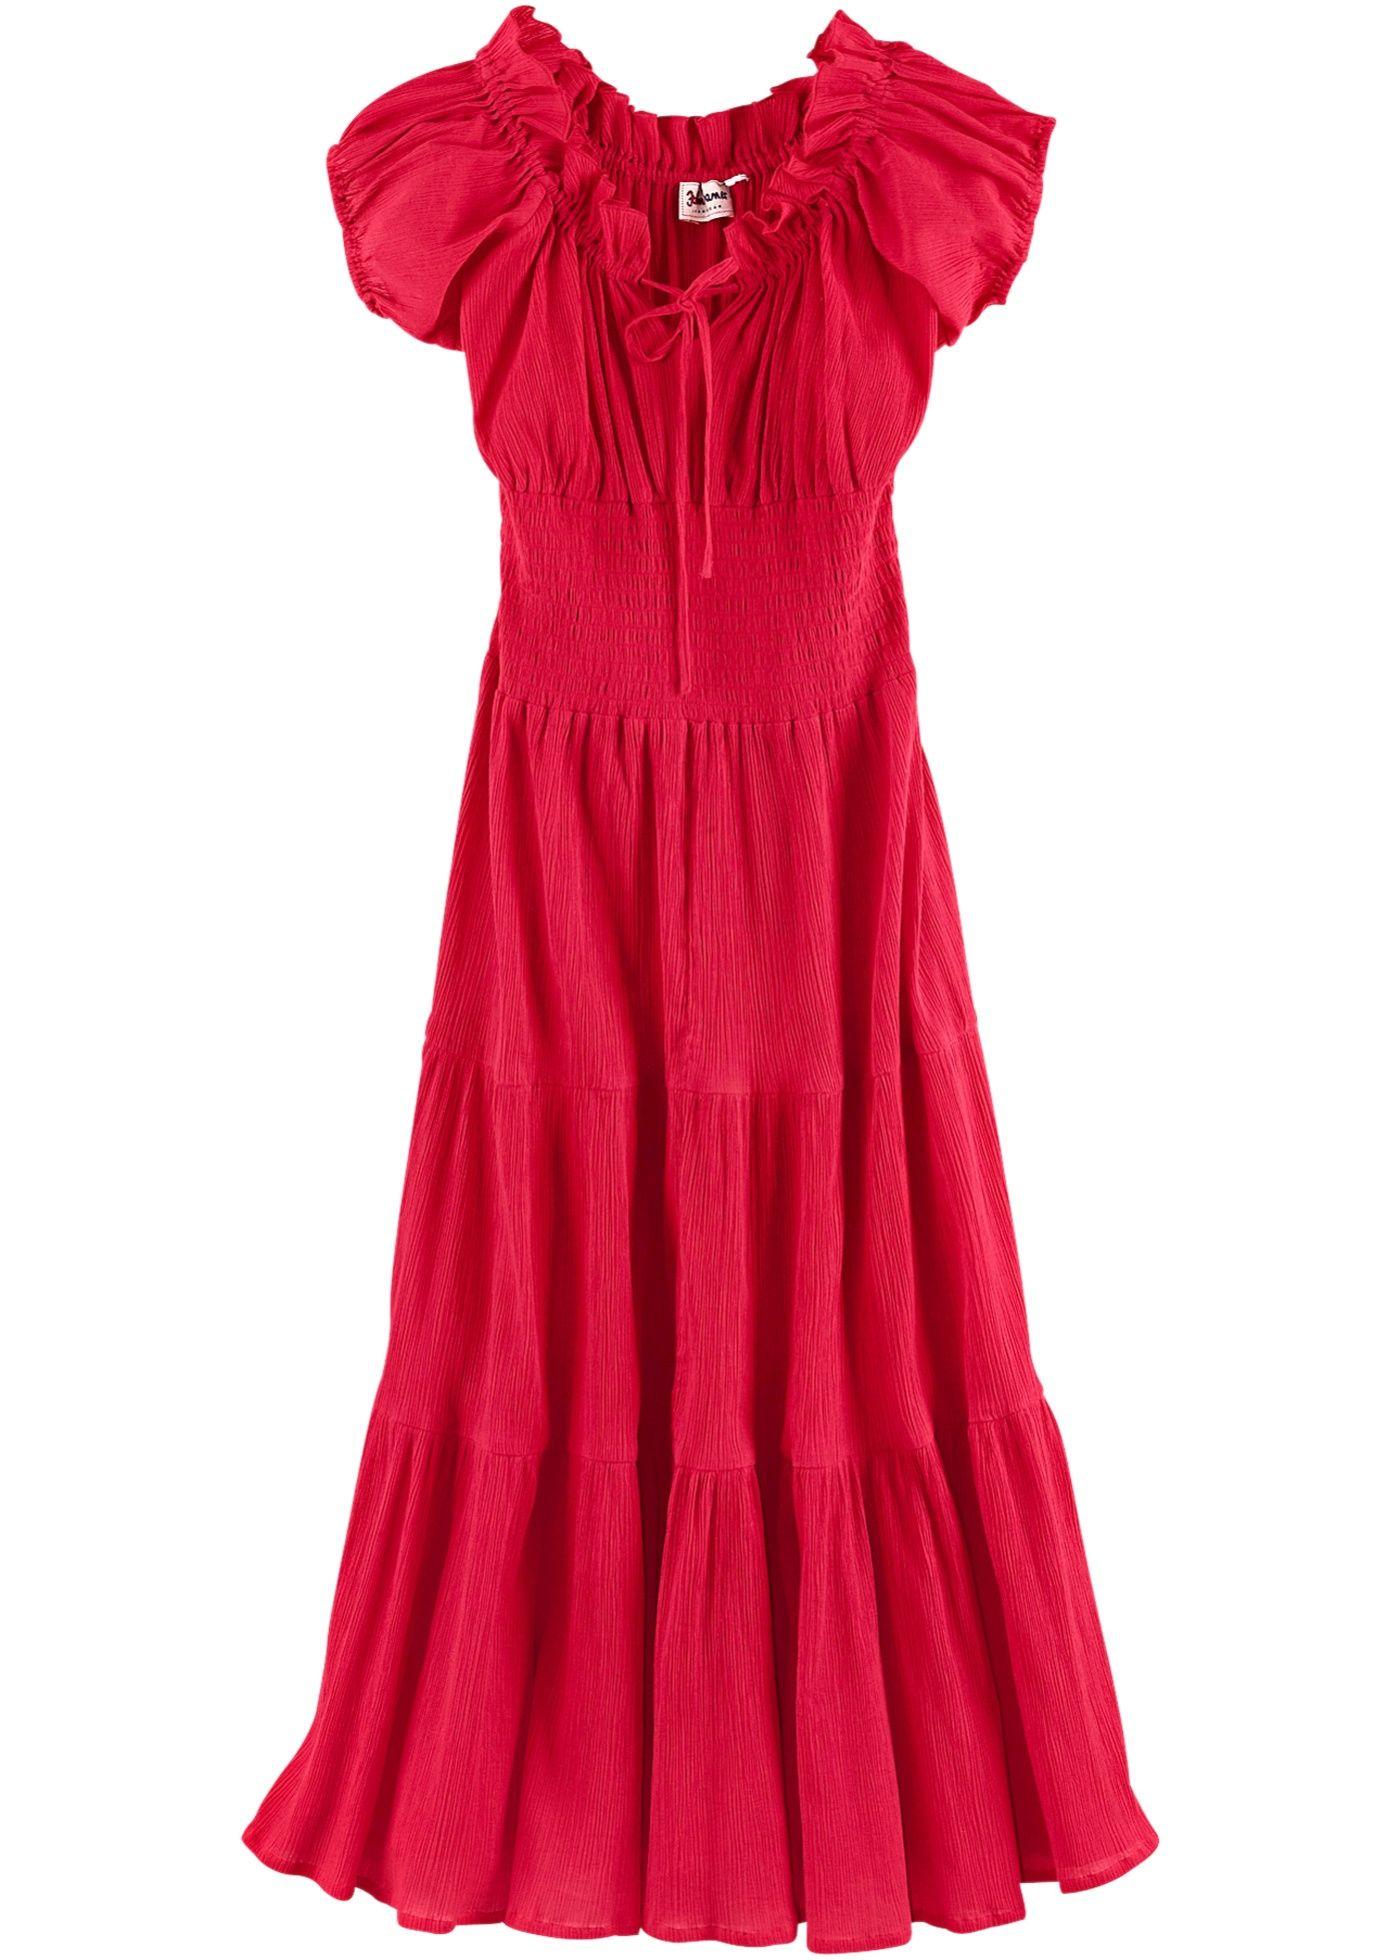 Sommer-Carmen-Kleid in 16  Sommerkleid, Bohemian mode, Carmen kleid